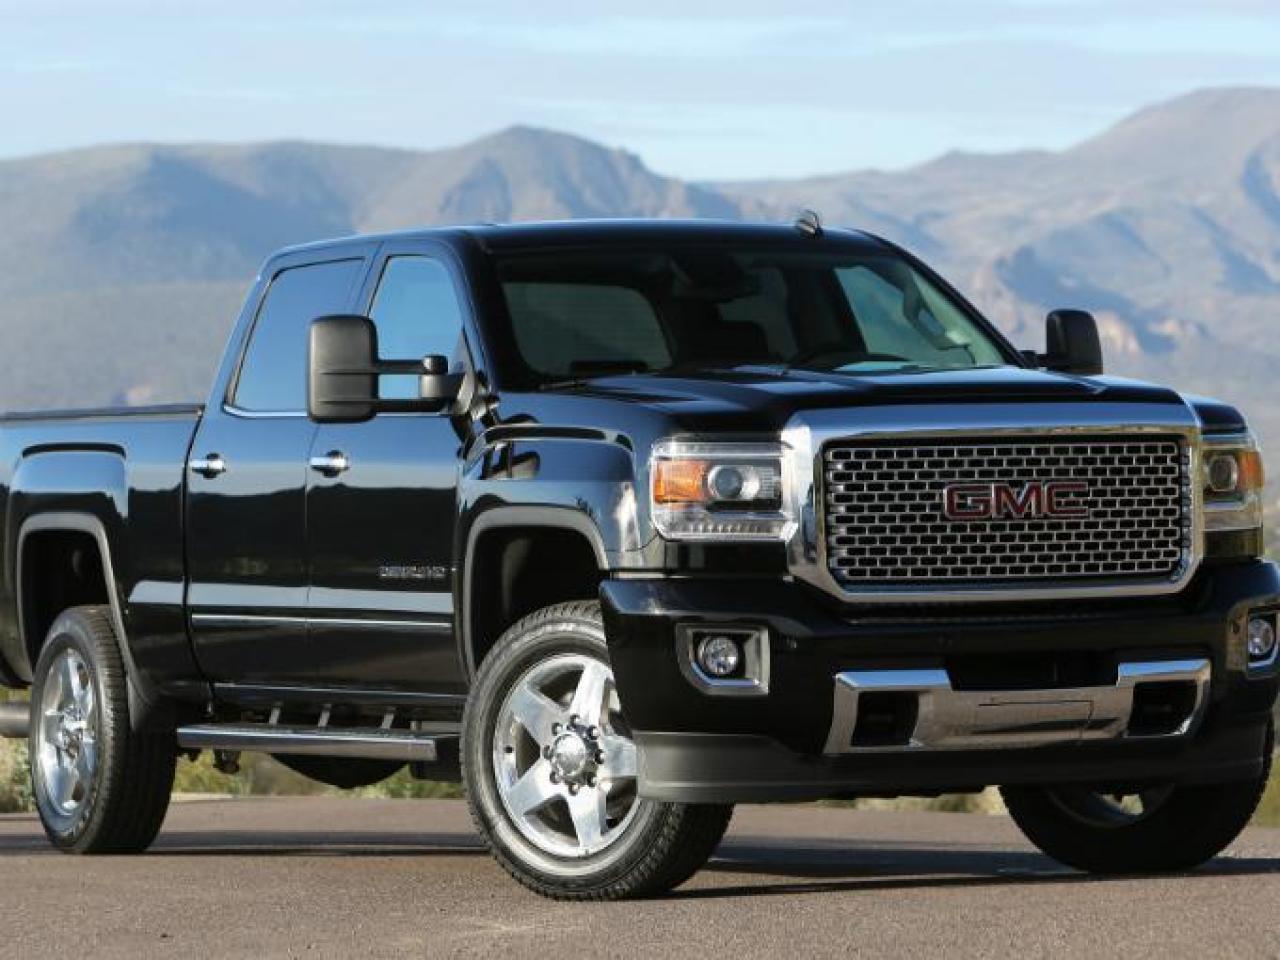 Chevy El Paso >> Las 10 camionetas más caras del mundo | Lifestyle de ...